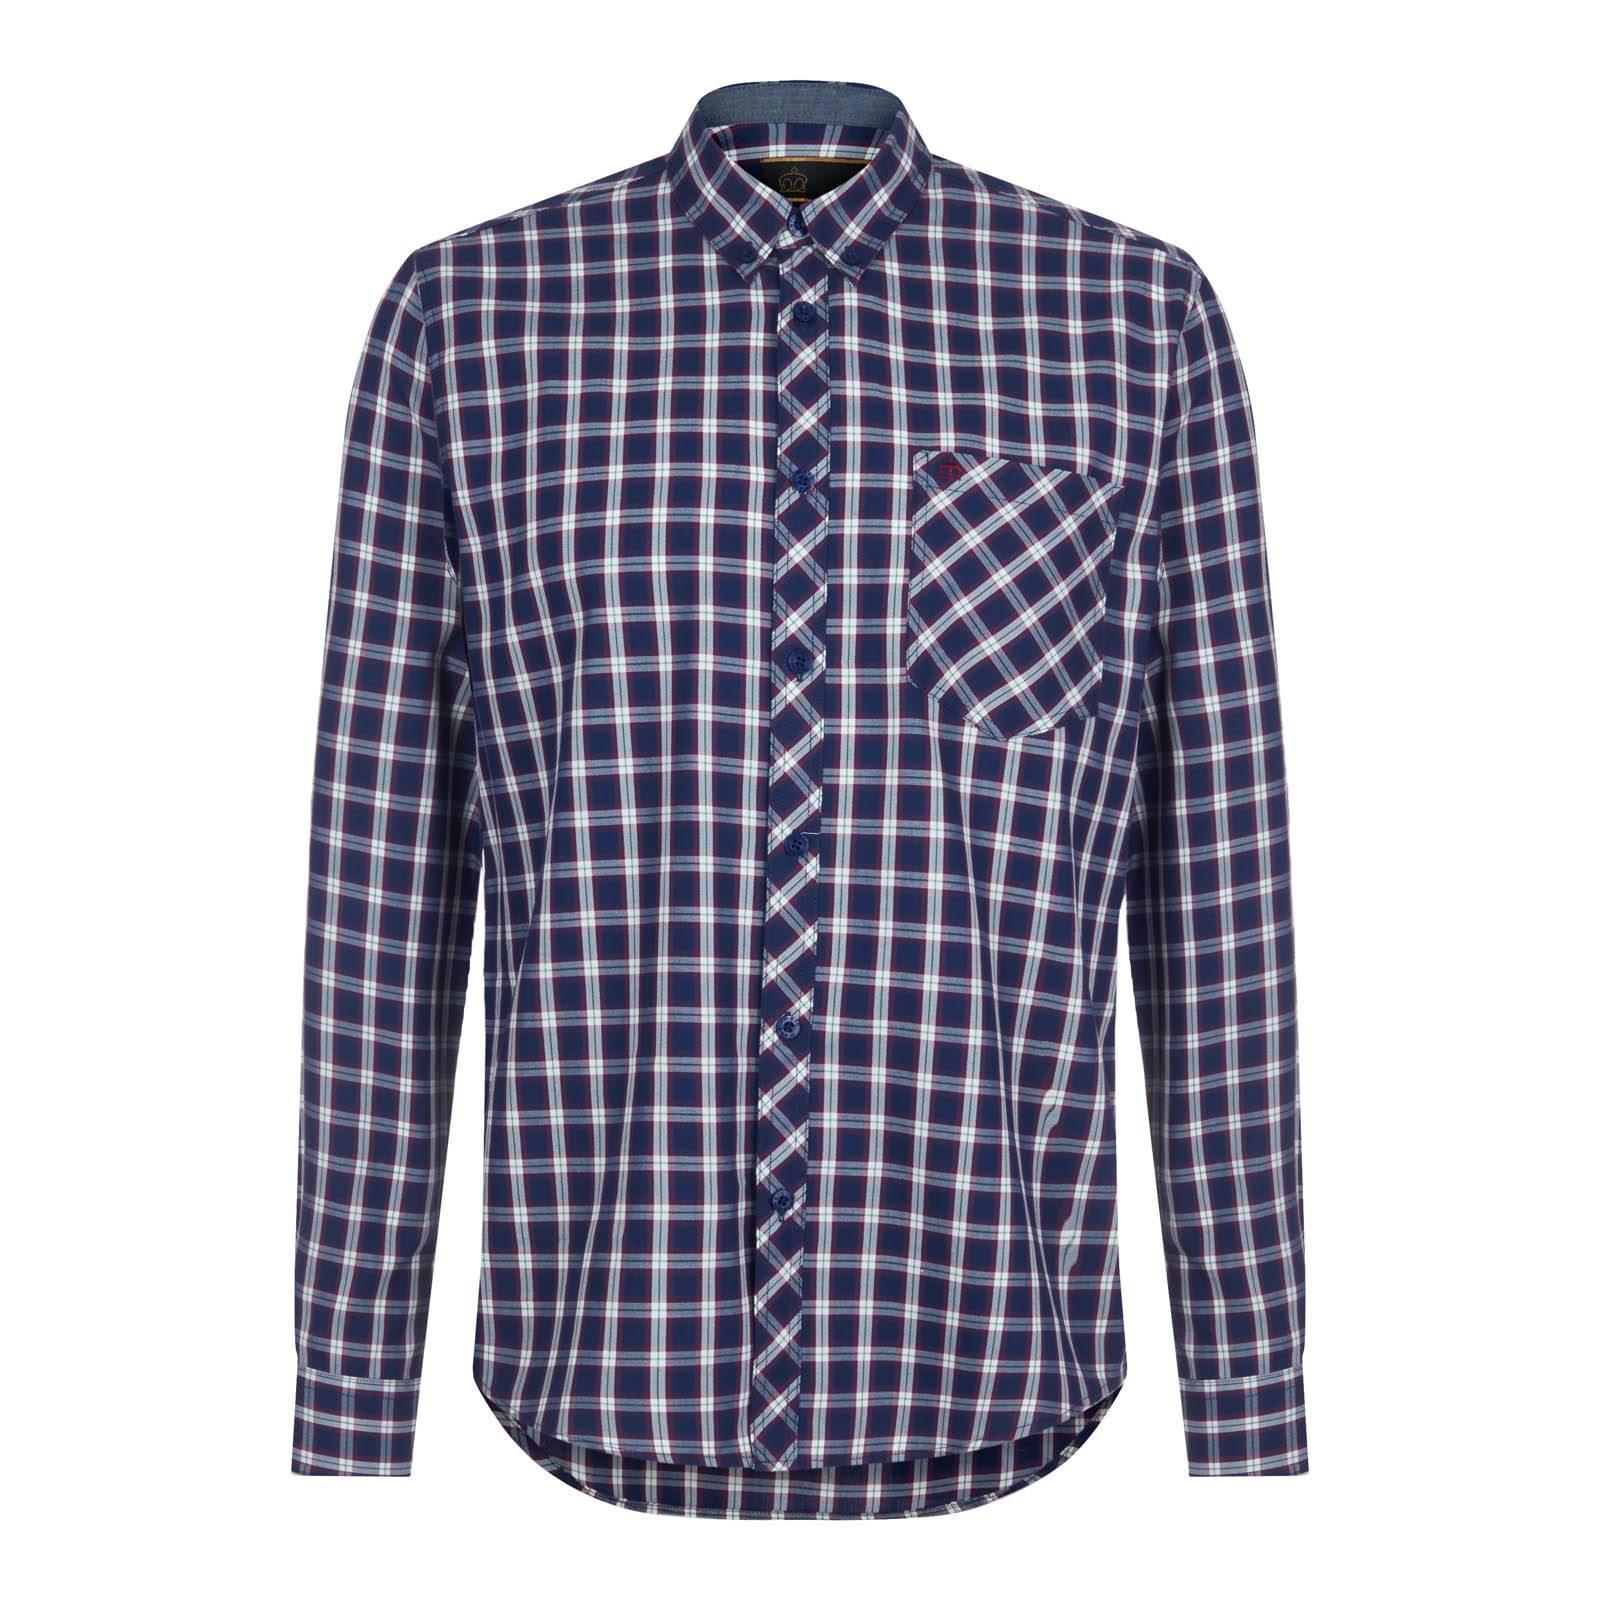 Рубашка SanctonButton Down<br>Приталенного фасона мужская рубашка, пошитая из комбинированного текстильного полотна на основе хлопка и полиэстера. Такая комбинация материалов делает ткань мягкой, тонкой и шелковистой, но при этом достаточно прочной и исключительно долговечной. Актуальный в последние годы и крайне востребованный сегодня широкий клетчатый узор представляет собой лаконичный тартан с упрощенной структурой — в сочетании с фирменным button-down воротником этот орнамент образует идеальную пару с трикотажем крупной вязки или стеганой курткой с вельветовым воротником. Благодаря удлиненной спинке рубашка не выправляется из брюк при каждом движении. Также её можно носить навыпуск с чиносами или шортами. Брендирована логотипом Корона, вышитым контрастными нитями на нагрудном кармане.<br><br>Артикул: 1516208<br>Материал: 60% хлопок, 40% полиэстер<br>Цвет: синий<br>Пол: Мужской